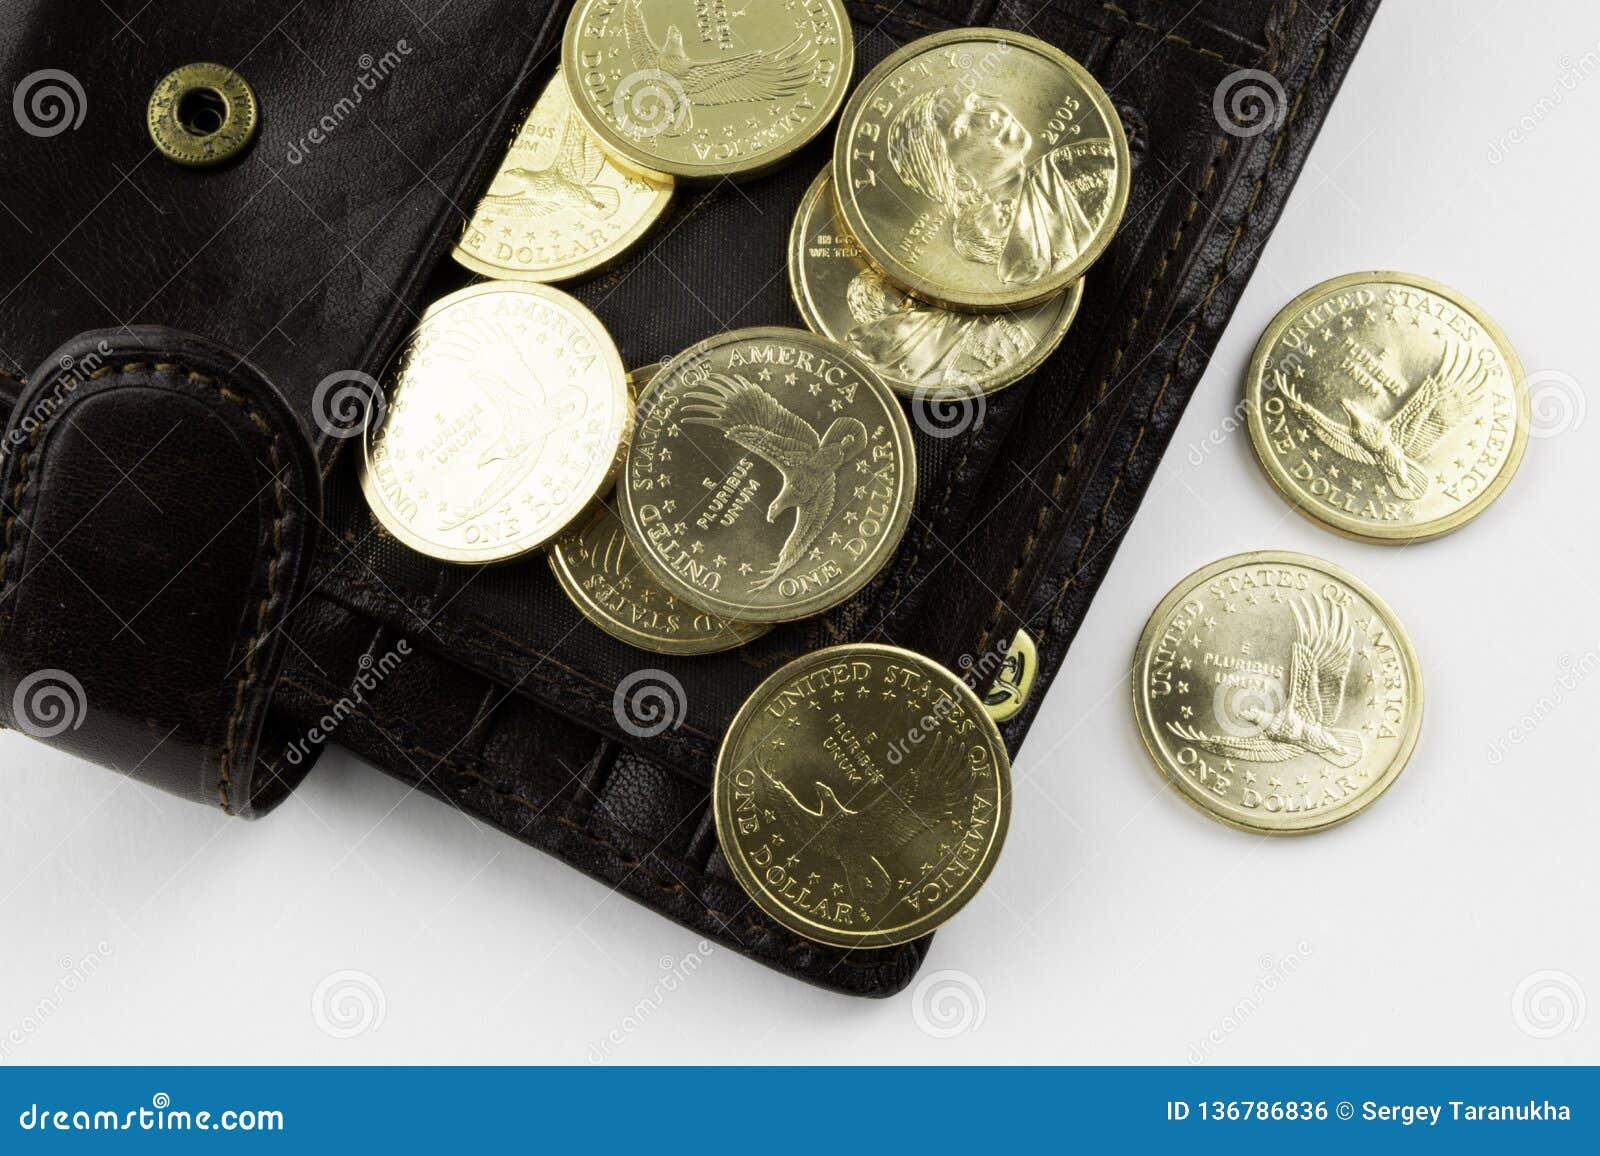 Coins plånboken